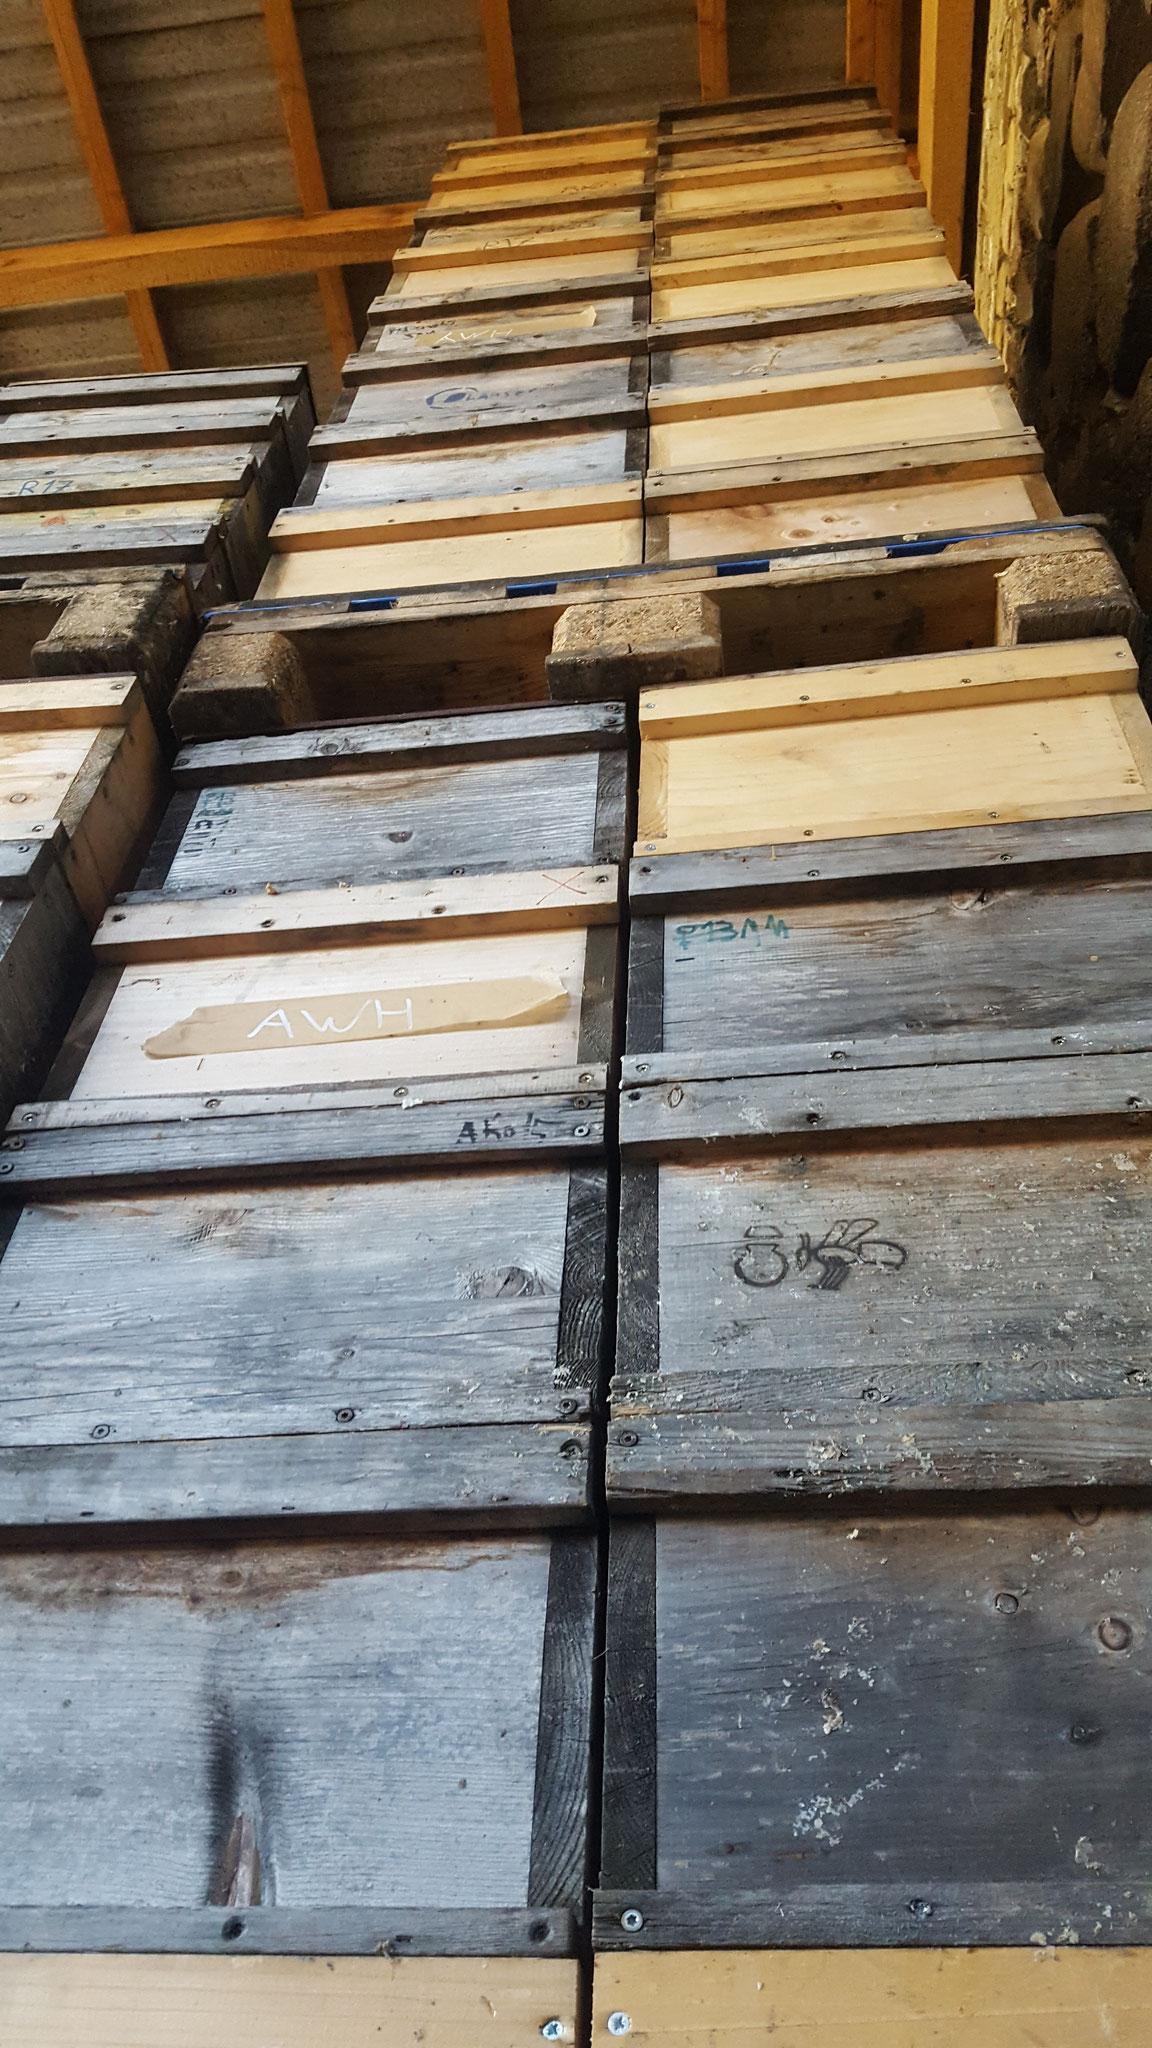 ...vielen hundert Bienenkästen, in denen die Bienen wohnen, sind eigenhändig gebaut worden. Nach den  Biorichtlinien darf  nur naturbelassenes Holz verwendet werden.